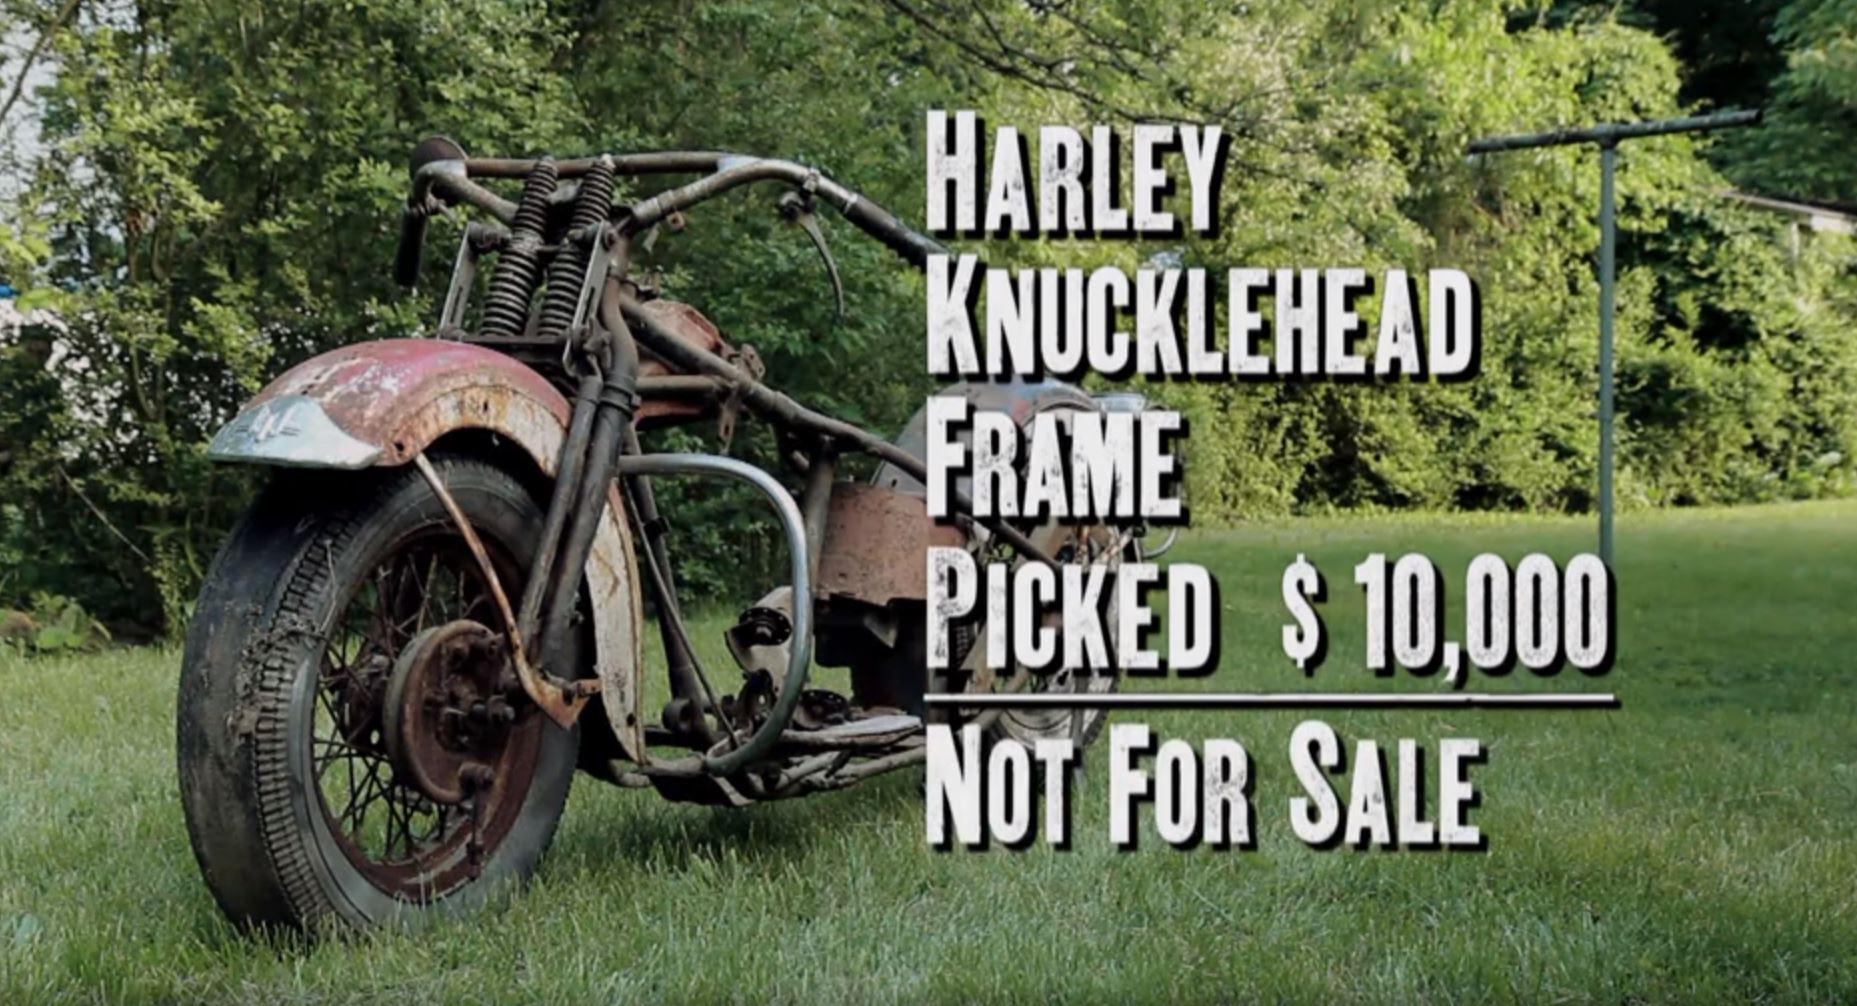 1938 Harley knucklehead frame American Pickers